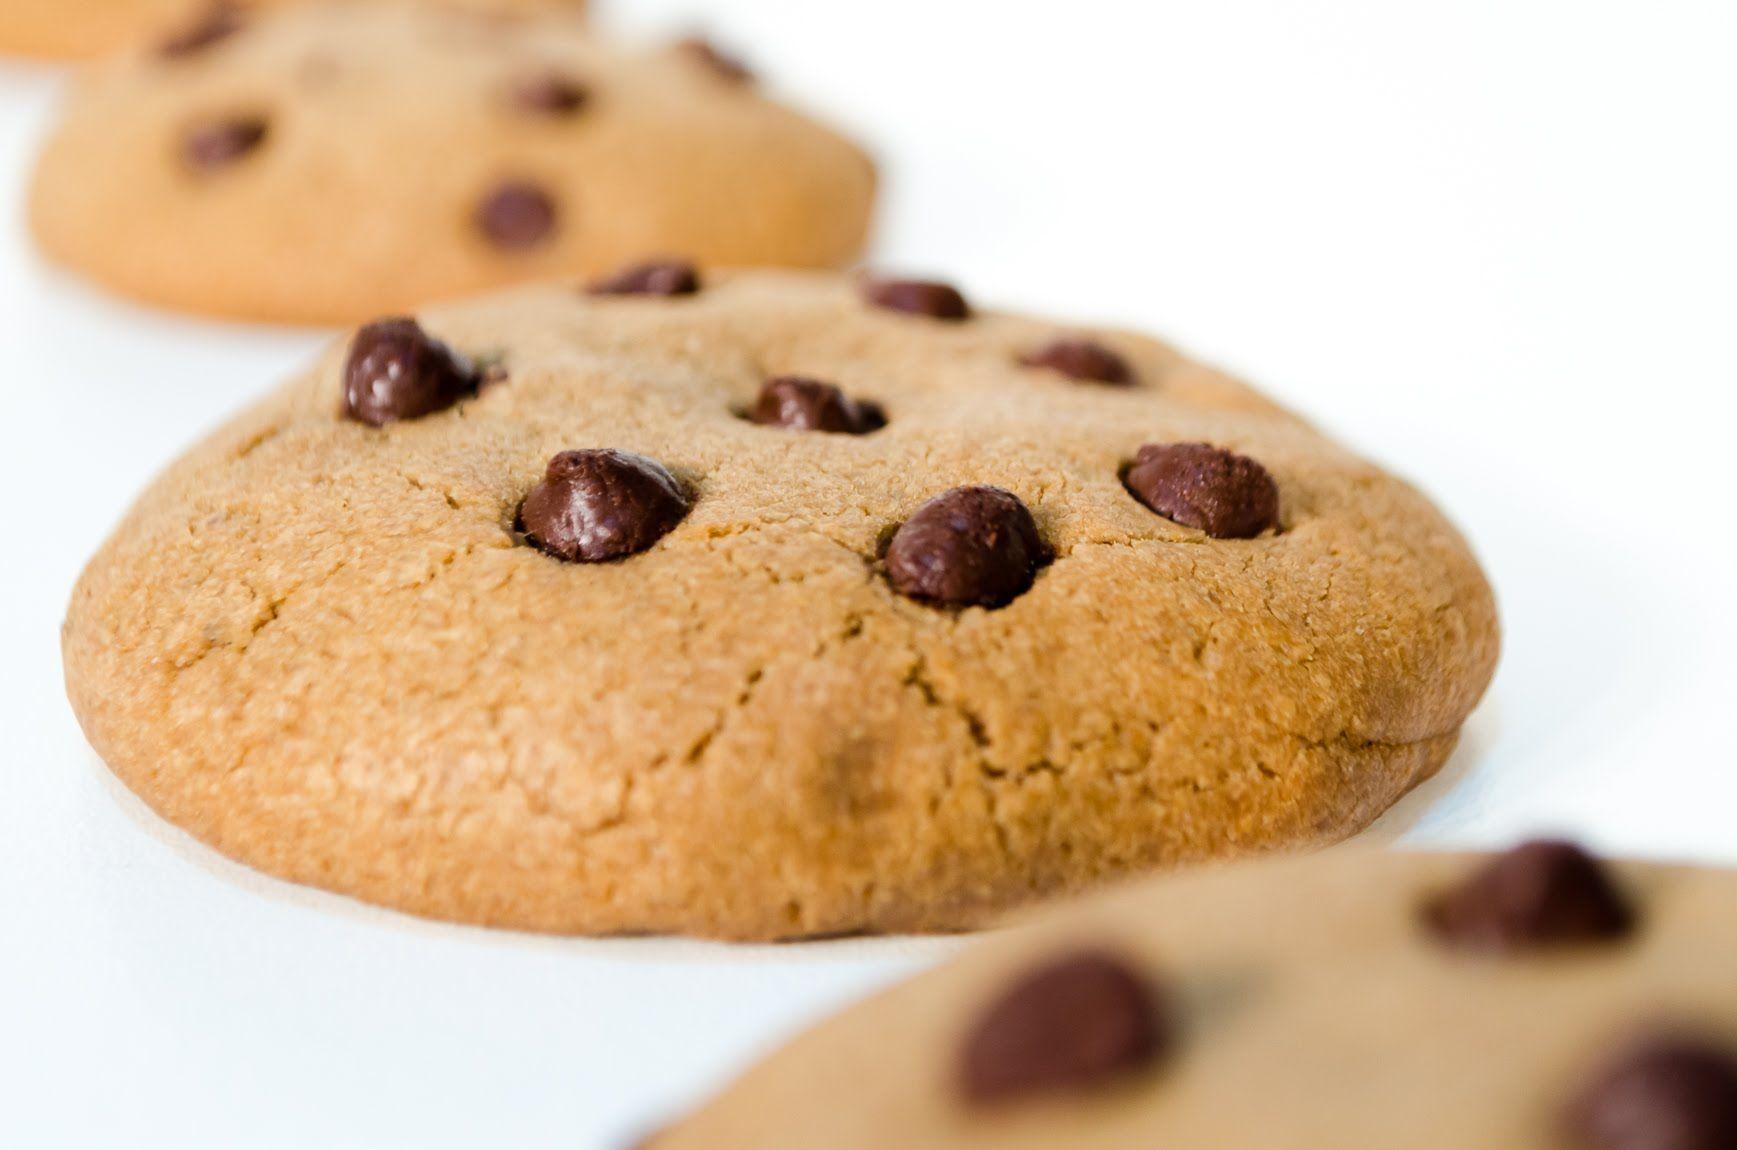 Cookies con Chips de Chocolate - Receta de Galletas con Chispas de ...